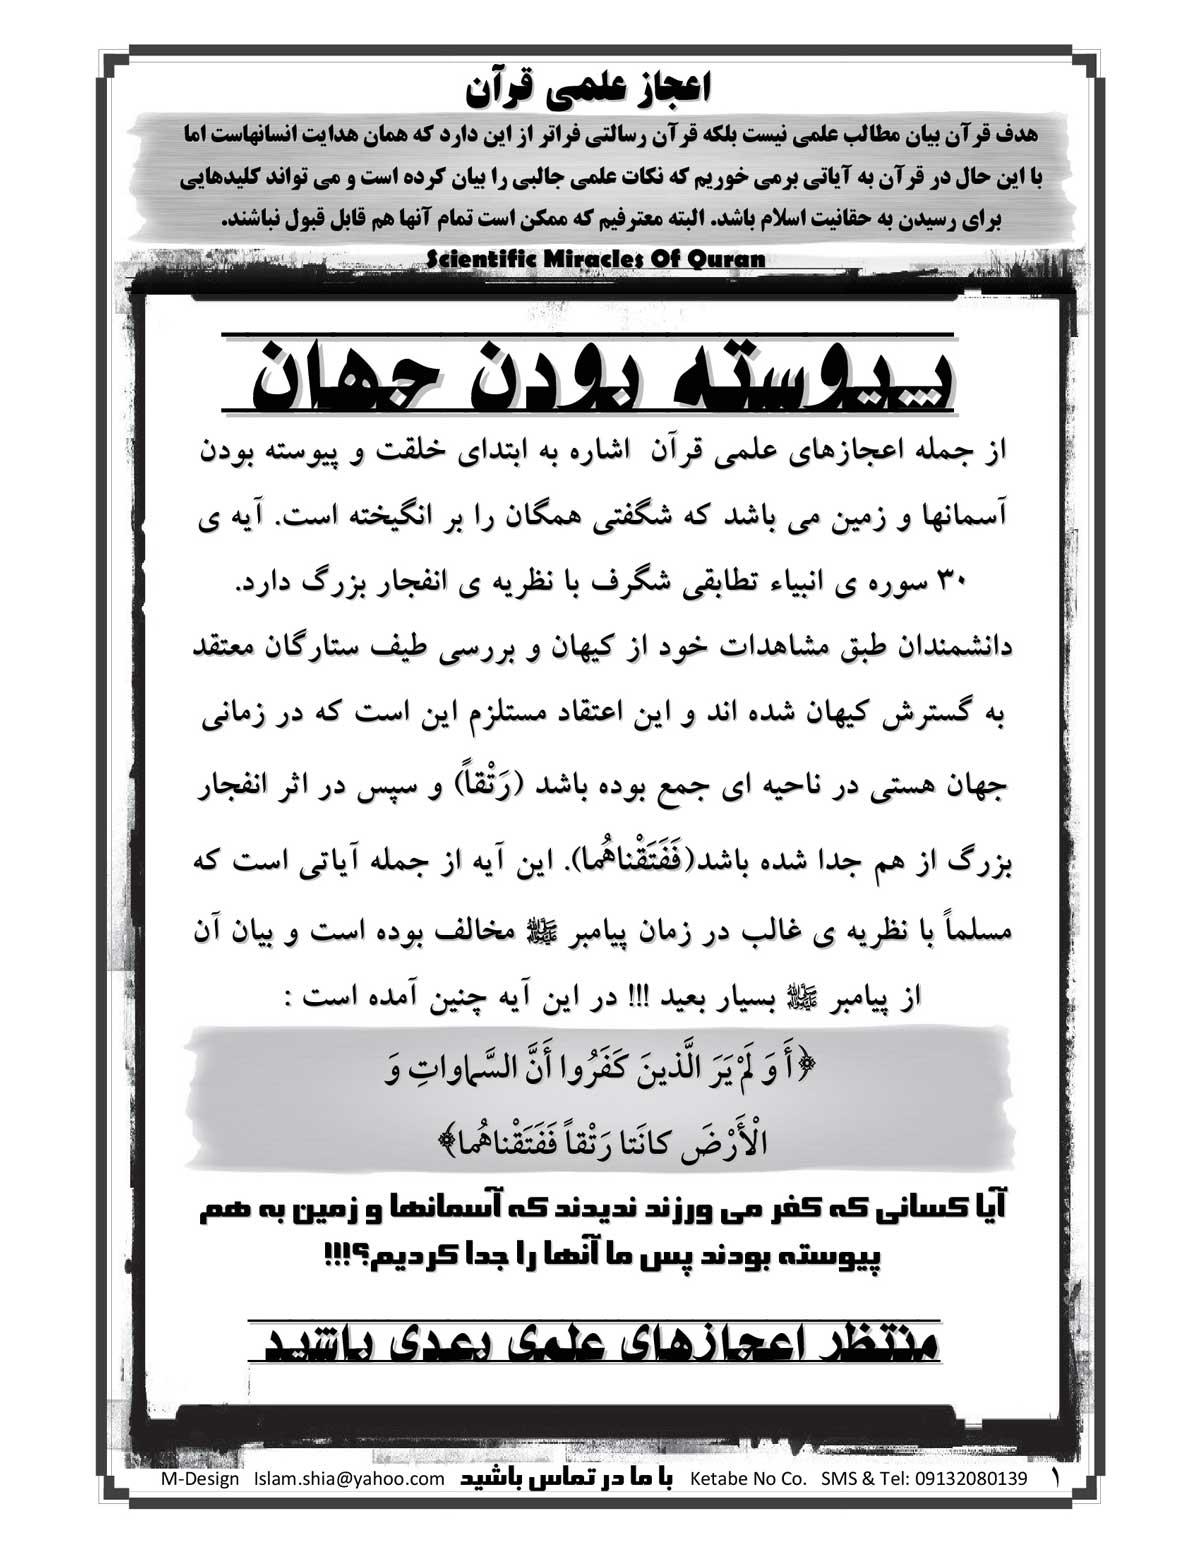 اعجاز علمی قرآن بردهای فرهنگی مسعود مردیها